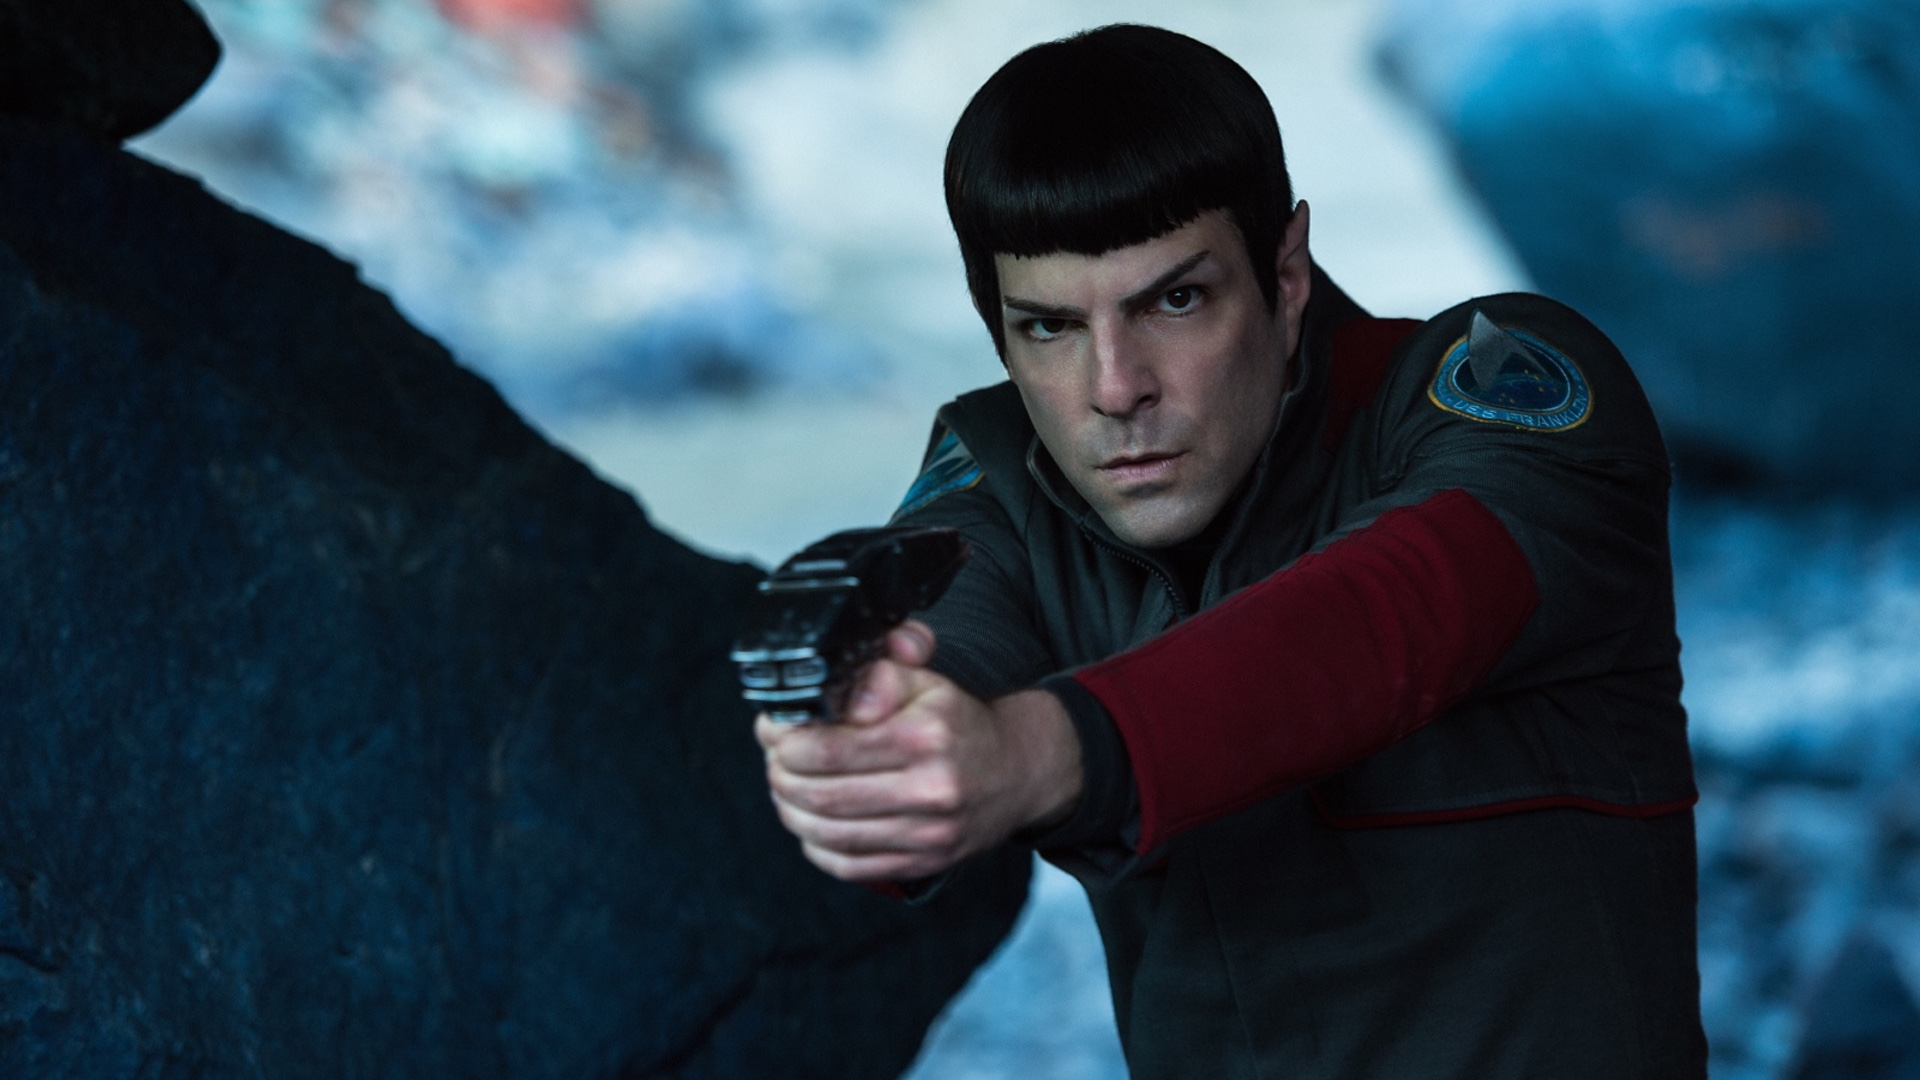 zachary-quinto-is-still-hoping-that-he-will-return-as-spock-for-star-trek-4-social.jpg